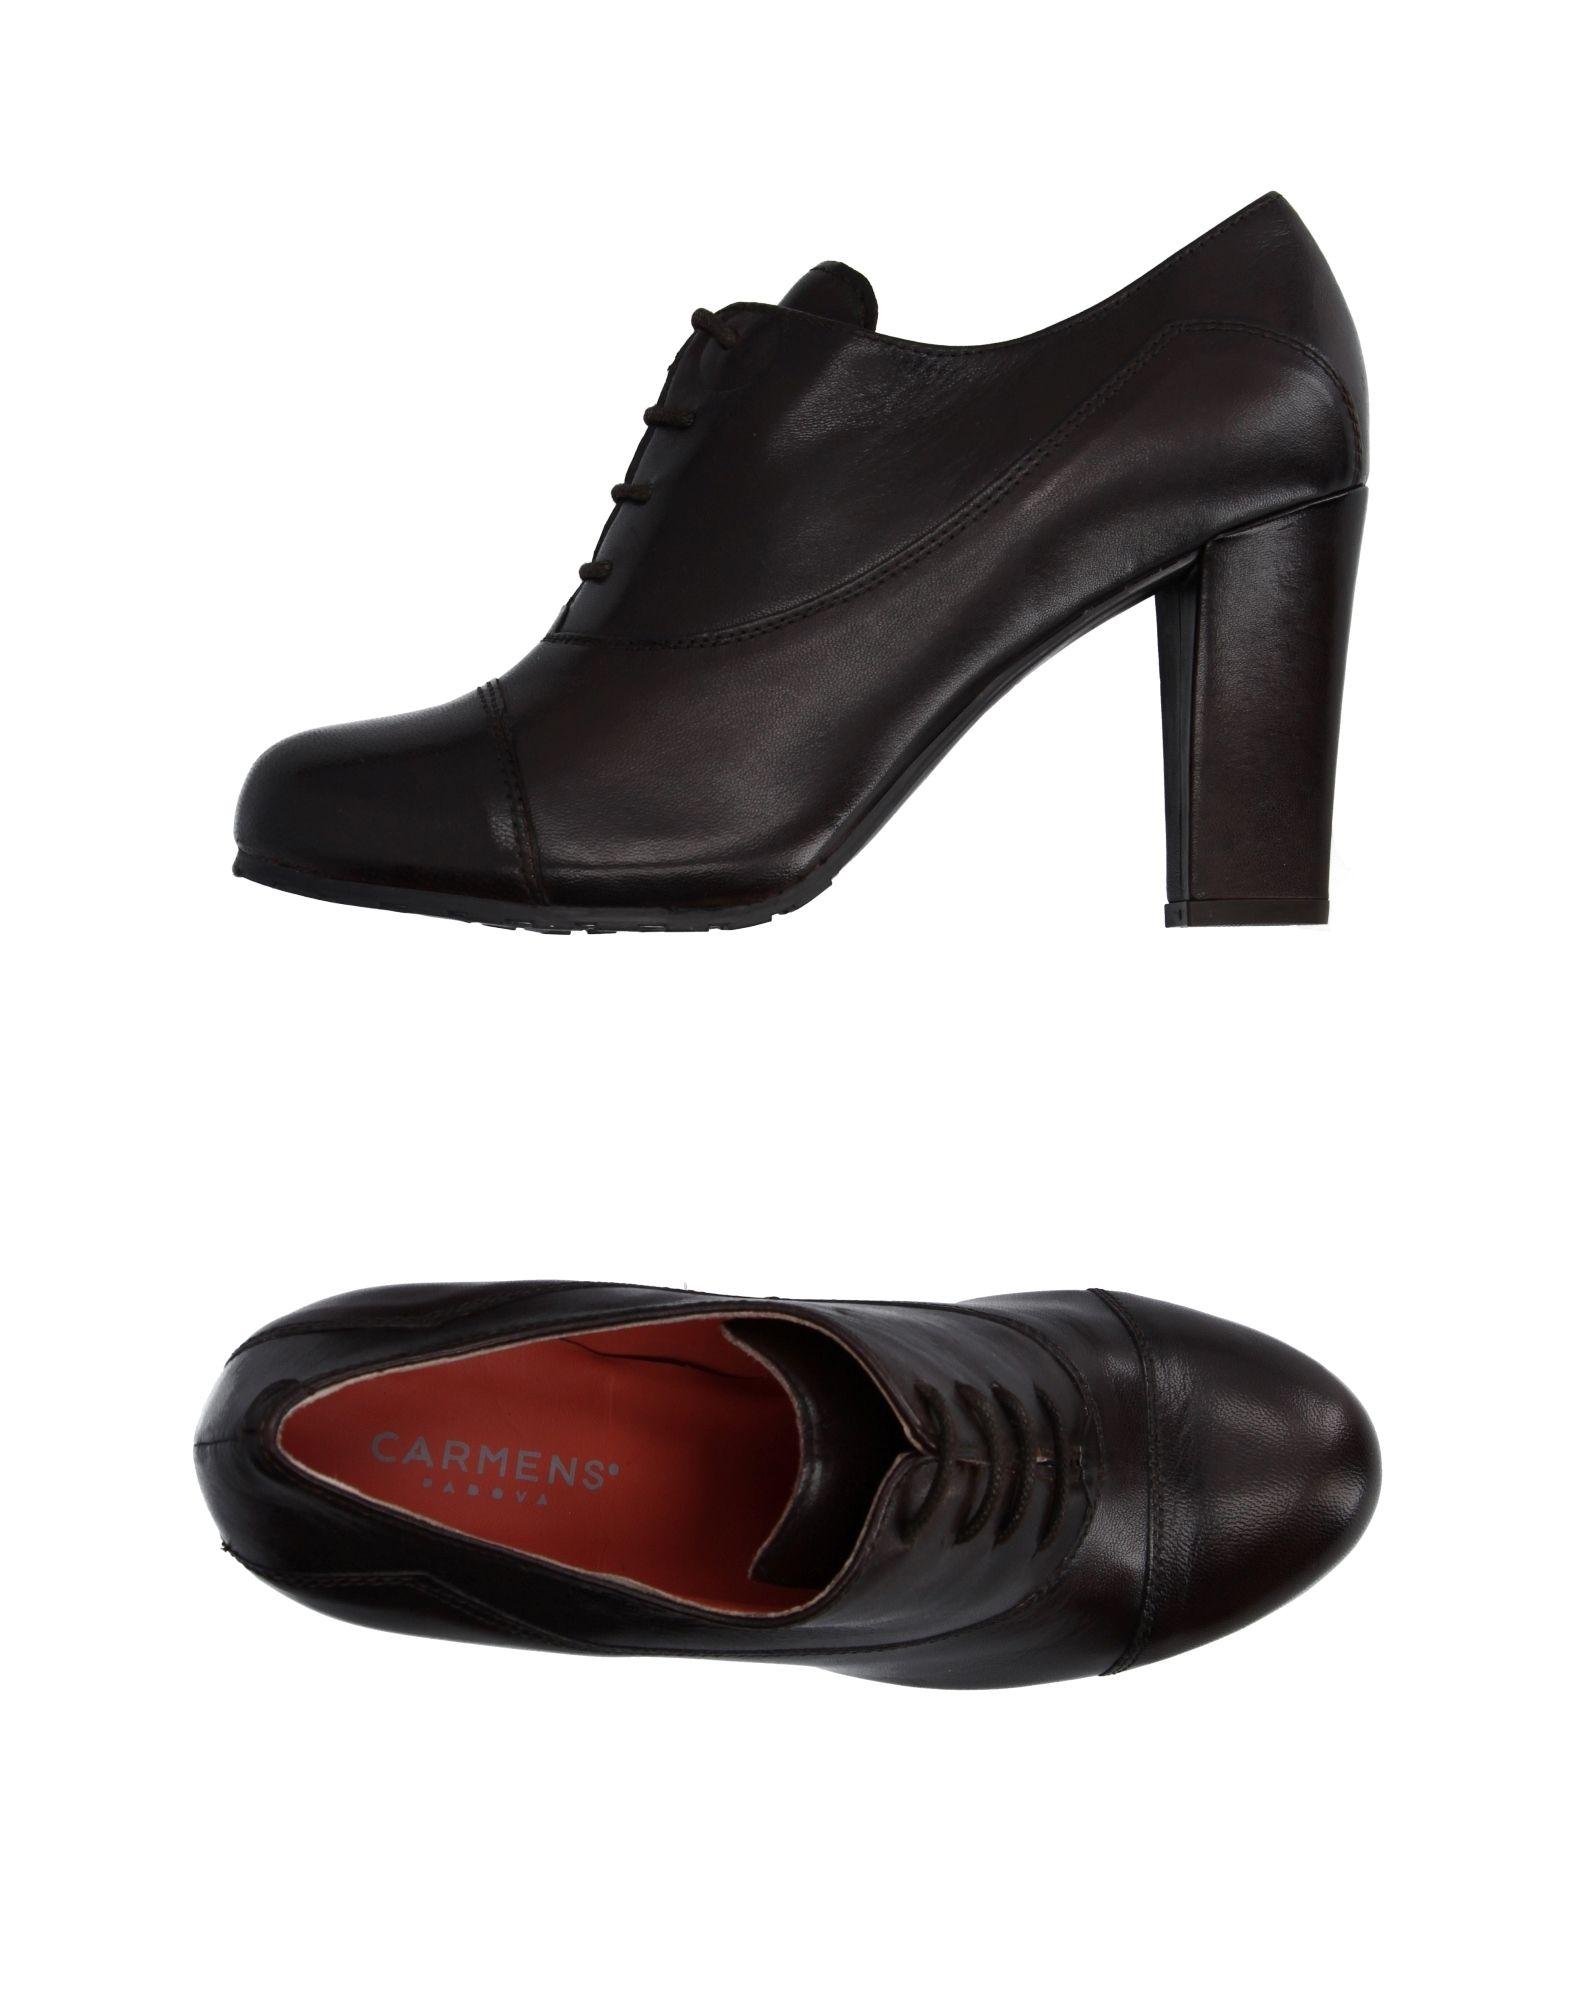 Carmens Schnürschuhe Damen  11086409EW Gute Qualität beliebte Schuhe